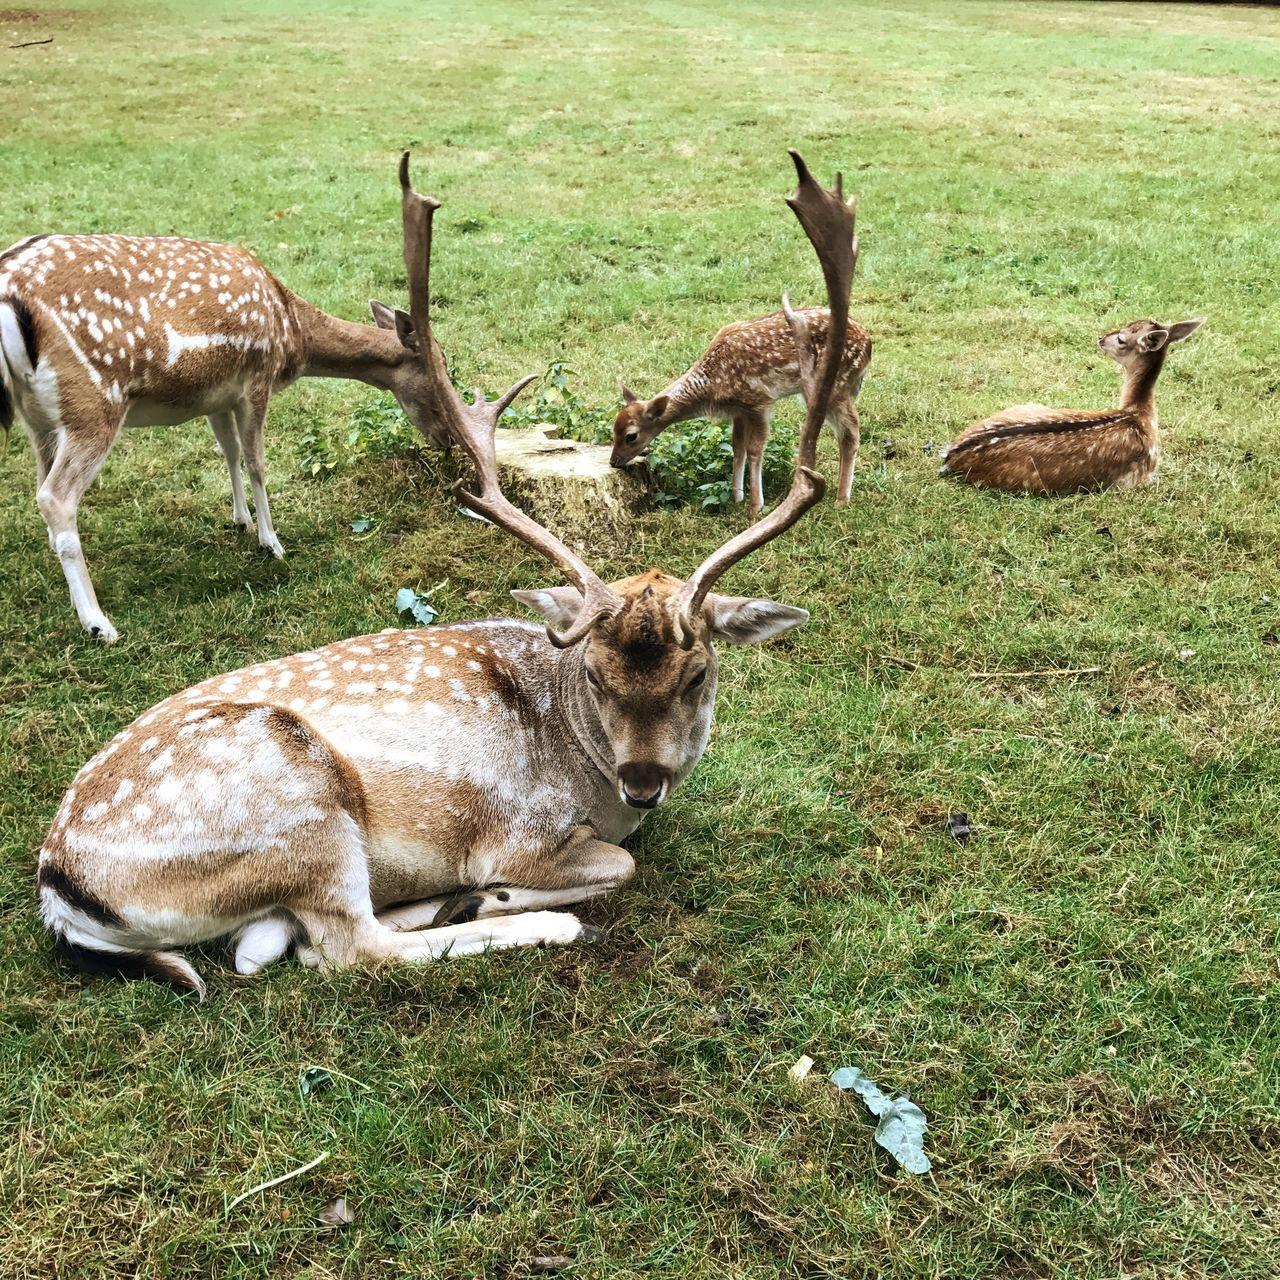 Deer Roe Deer Animals Animal Themes Animals In The Wild Herd Grass Deer Nature